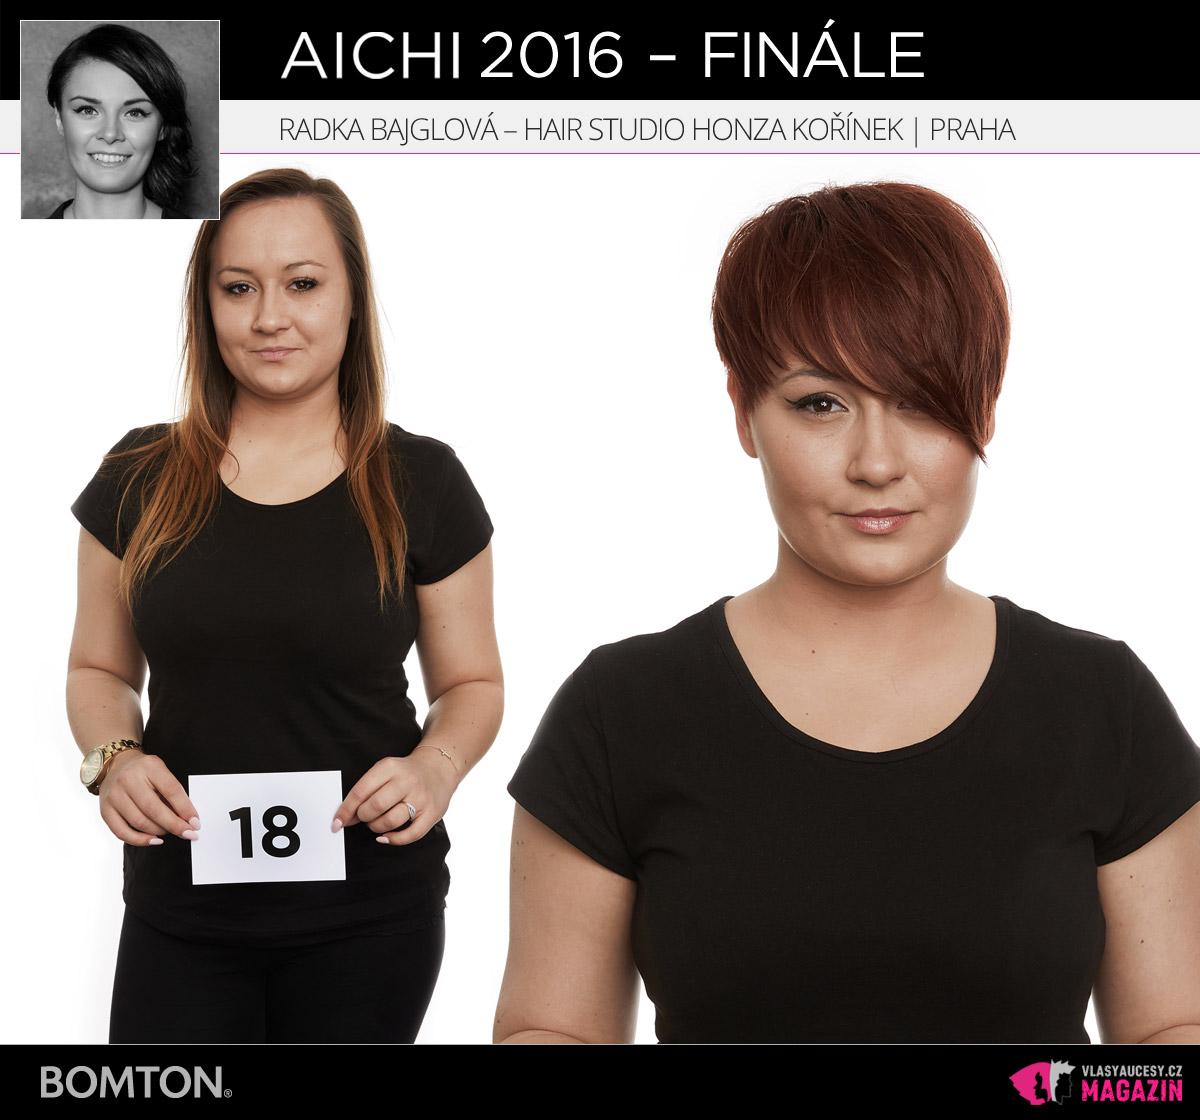 Radka Bajglová –Hair studio Honza Kořínek, Praha | Proměny AICHI 2016 – postupující do finálového kola